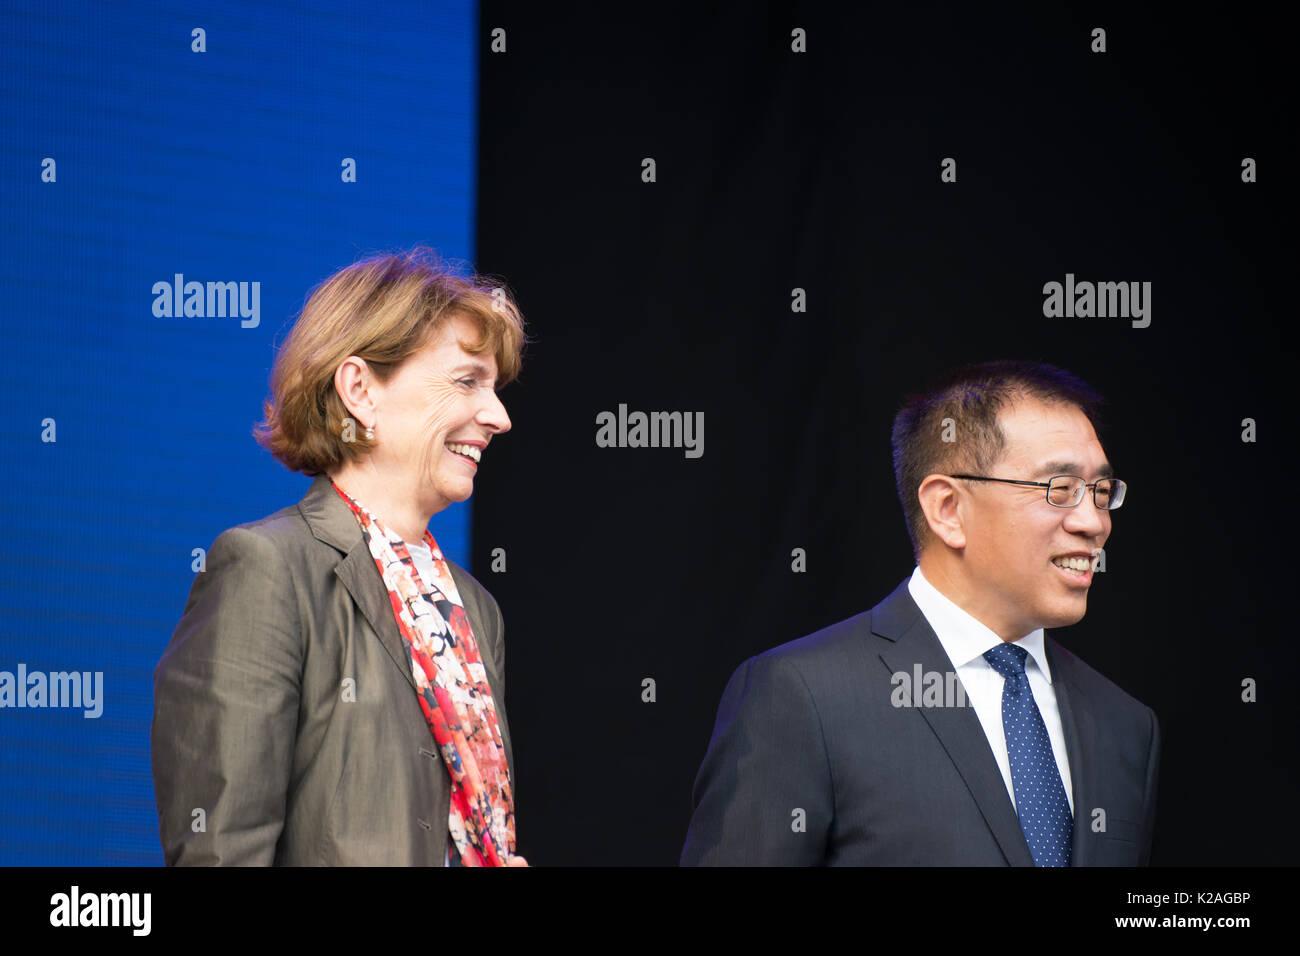 Frau Henriette Rädeker, Oberbürgermeister der Stadt Köln, und Herr Ning Wang, stellvertretender Bürgermeister von Peking, auf der China Festival 2017 in Köln, Deutschland. Stockbild